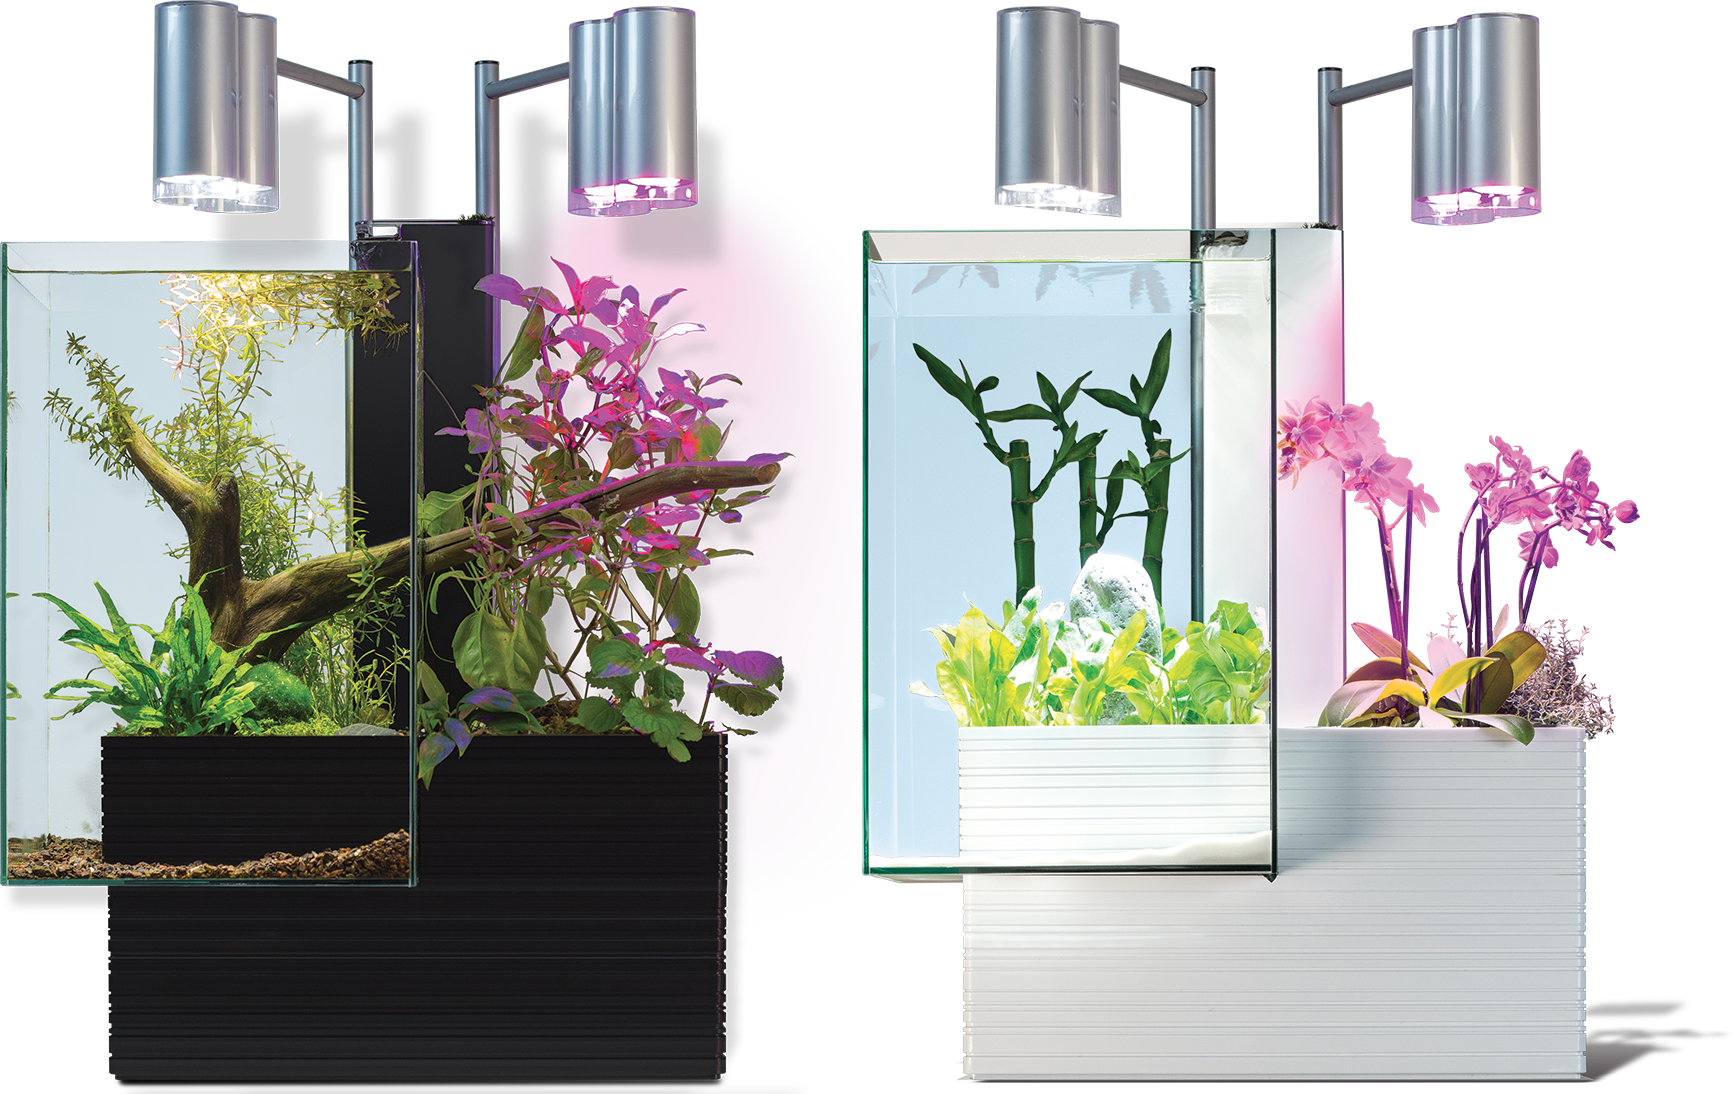 aquarium brio 35 noir animaux pinterest aquariums and gardens. Black Bedroom Furniture Sets. Home Design Ideas